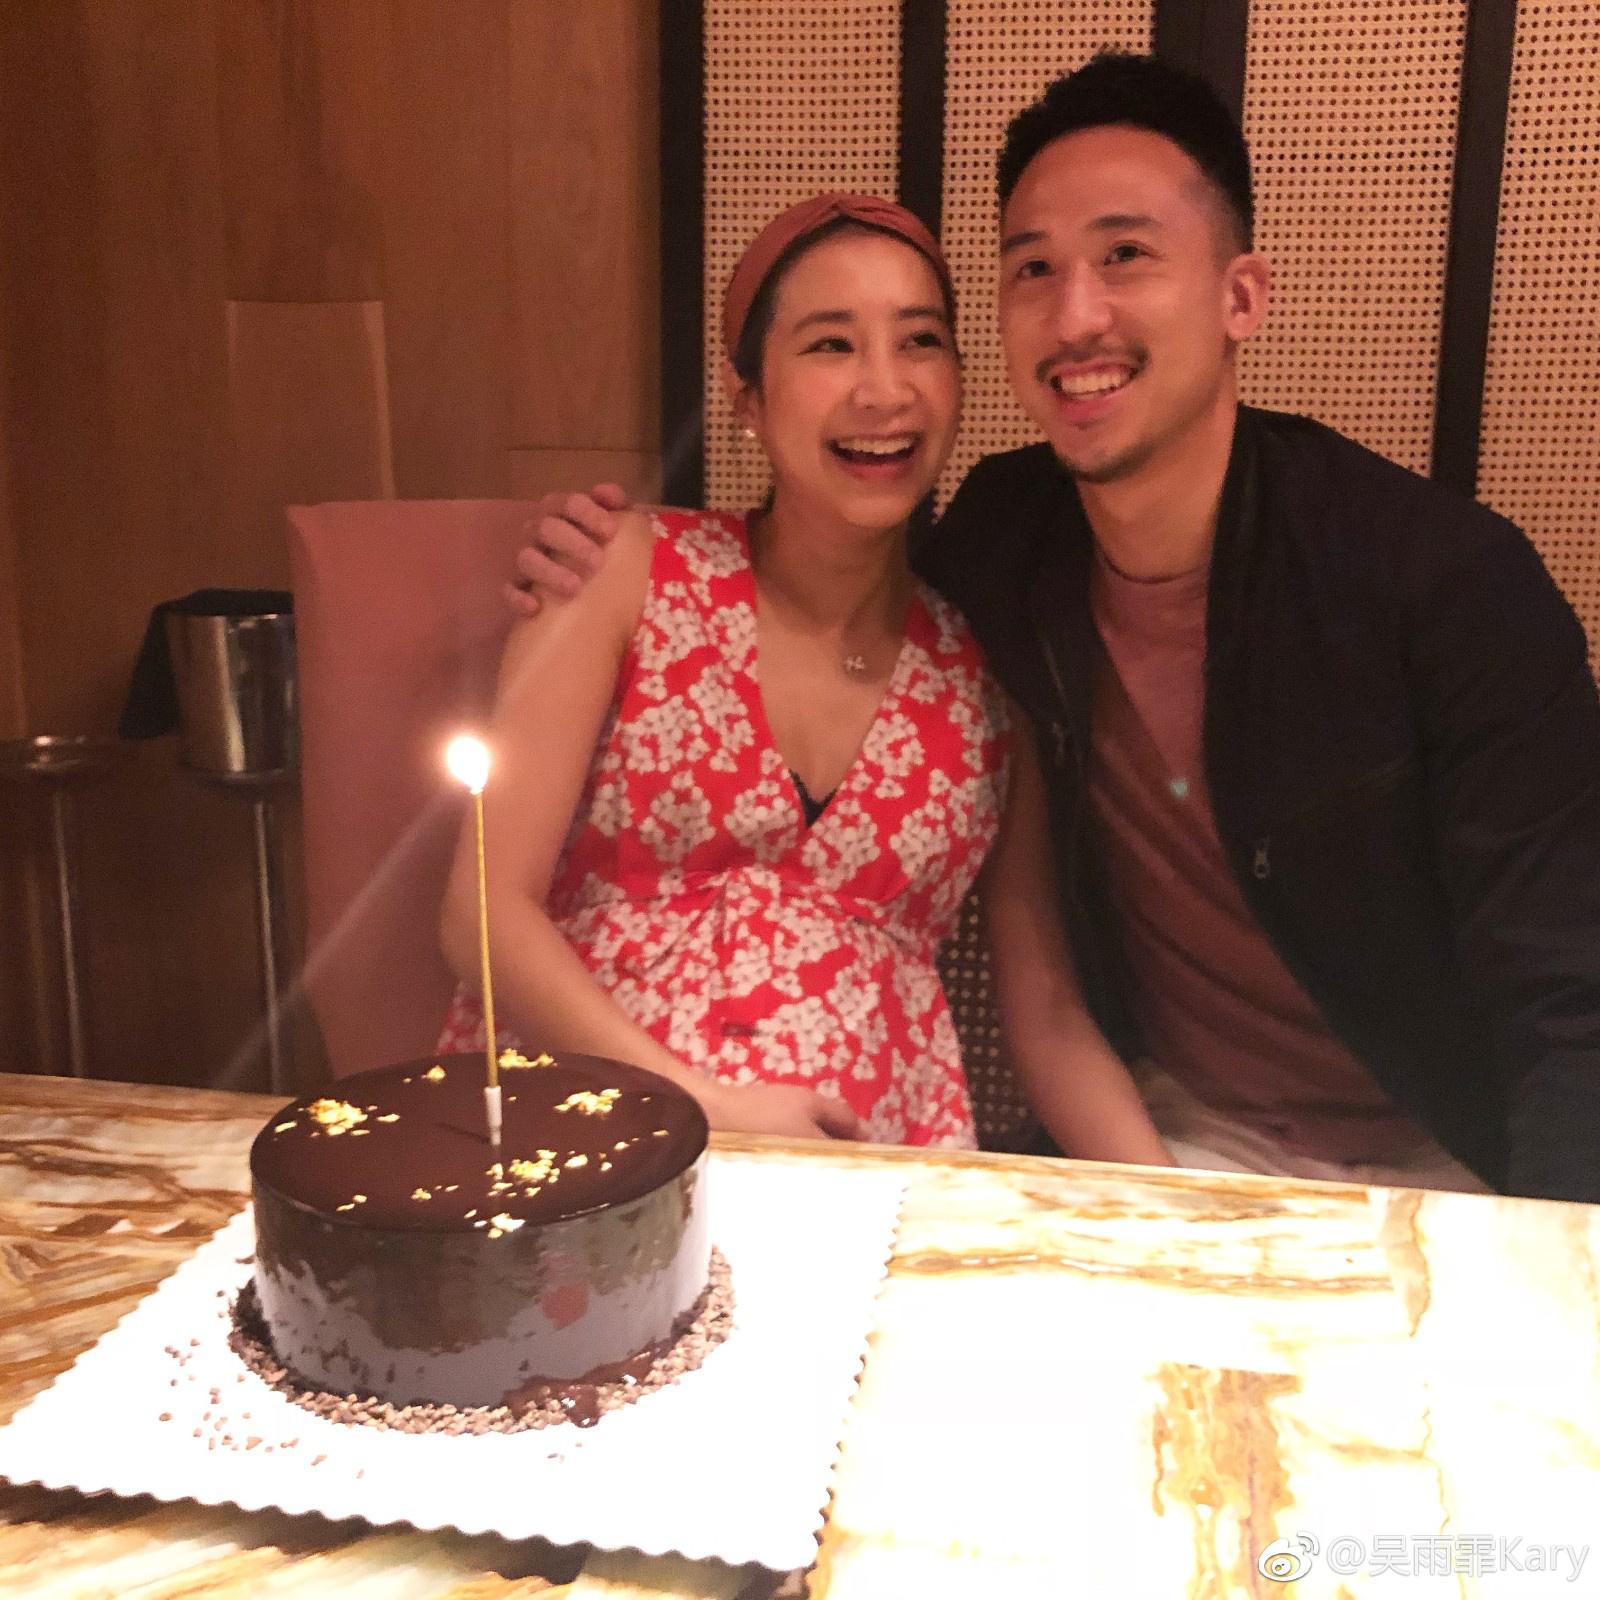 吴雨霏宣布怀二胎喜讯 大儿子刚满十个月将成哥